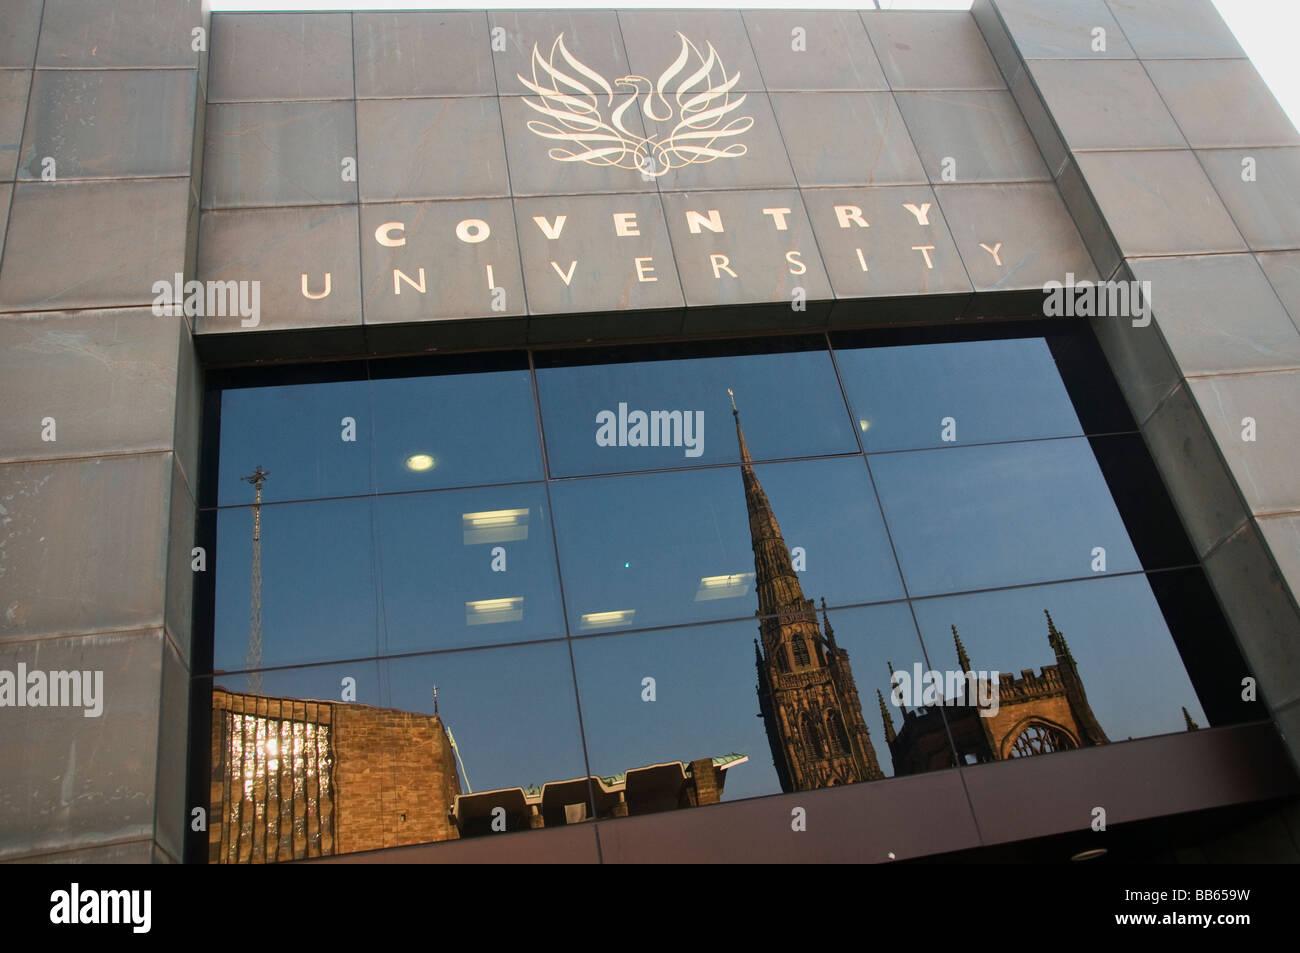 Entrée de l'Université de Coventry en Grande-Bretagne avec la cathédrale reflète dans l'entrée Photo Stock